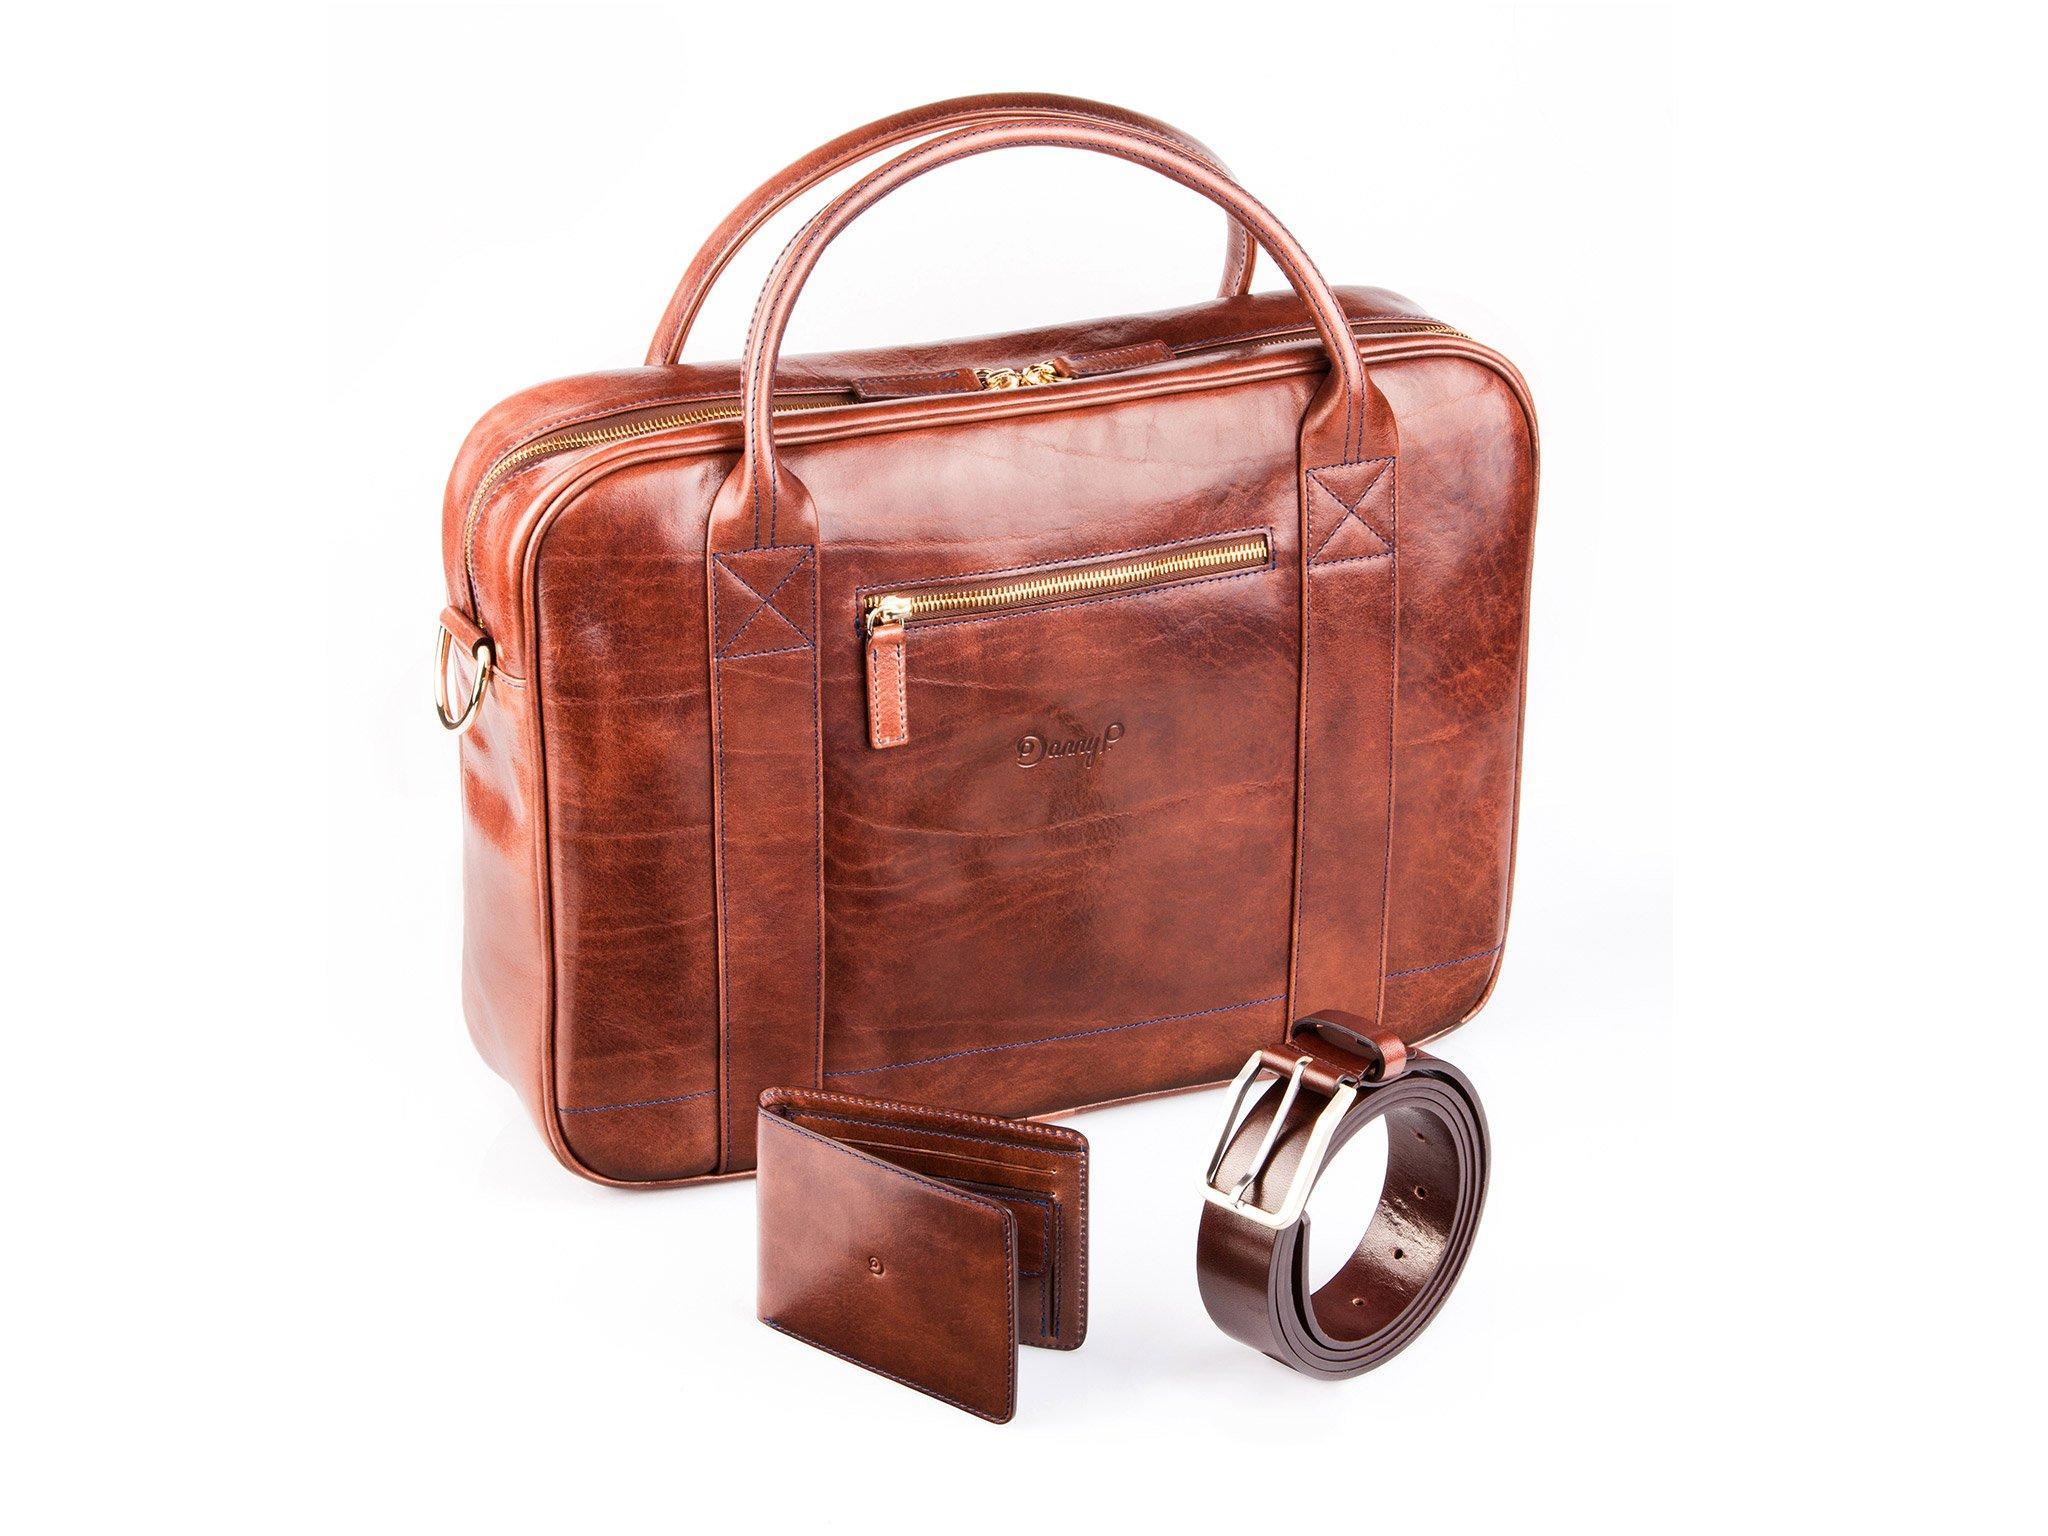 Tmavě hnědý set: pásek, taška, peněženka